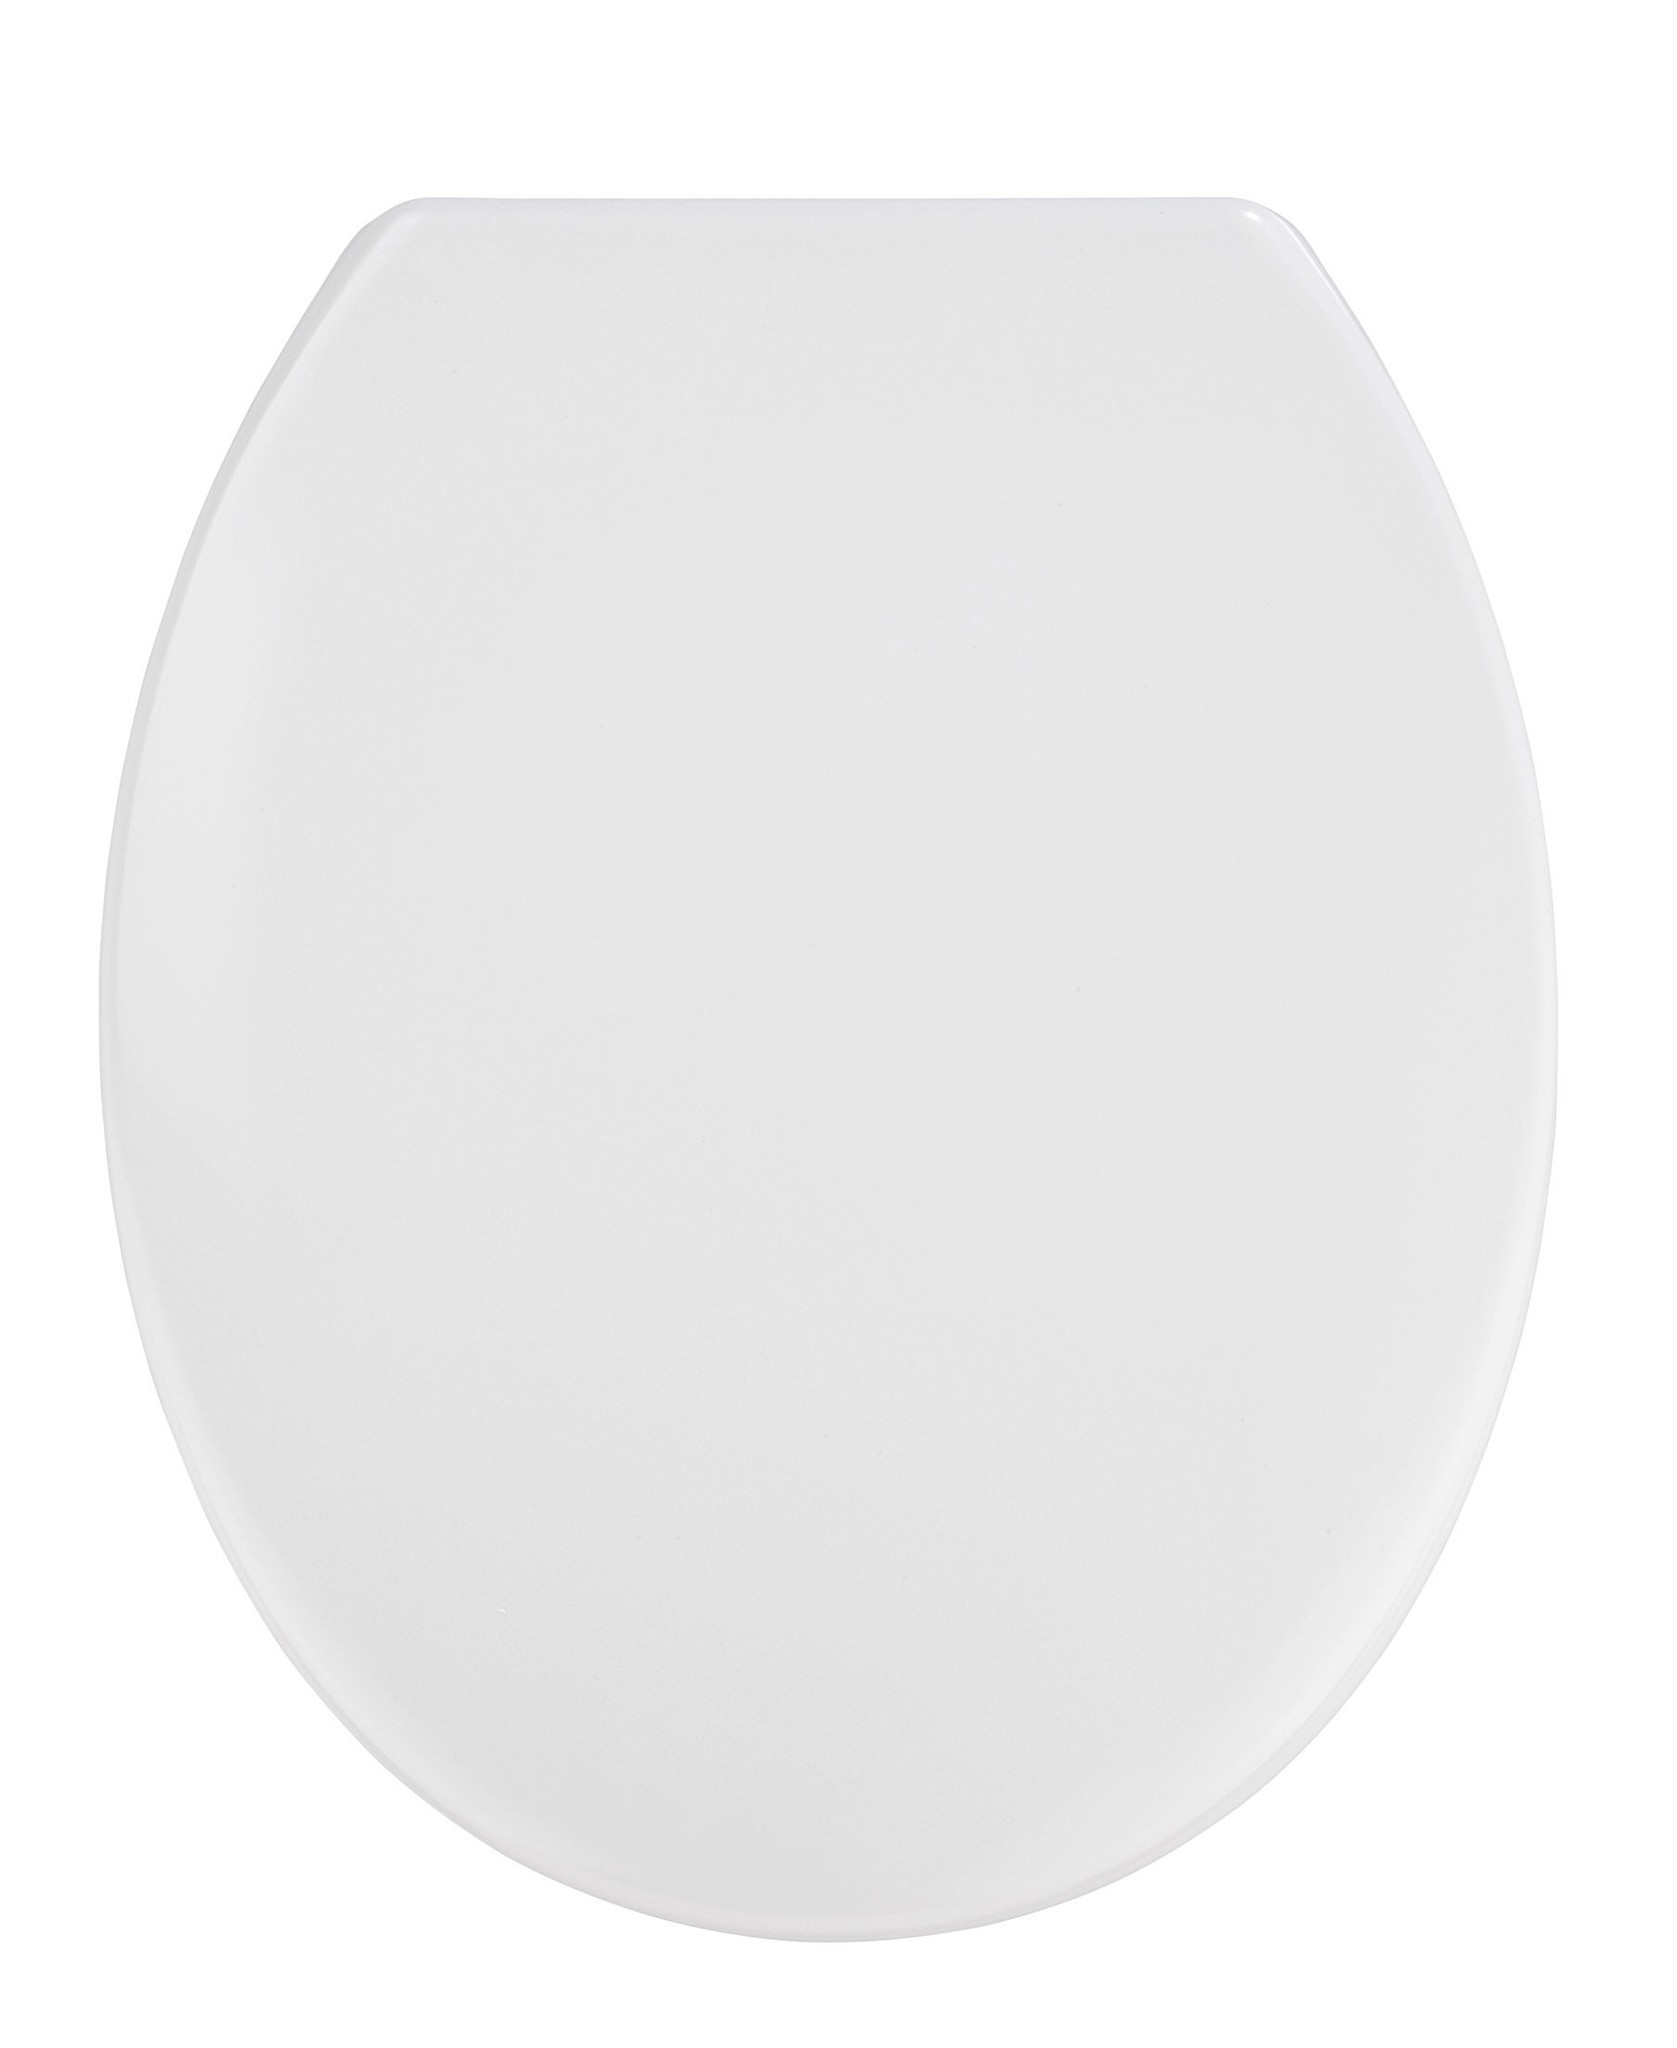 wc sitz selbst gestalten toilettenbrille selbst designen ideen 8 bilder wc sitz selbst. Black Bedroom Furniture Sets. Home Design Ideas